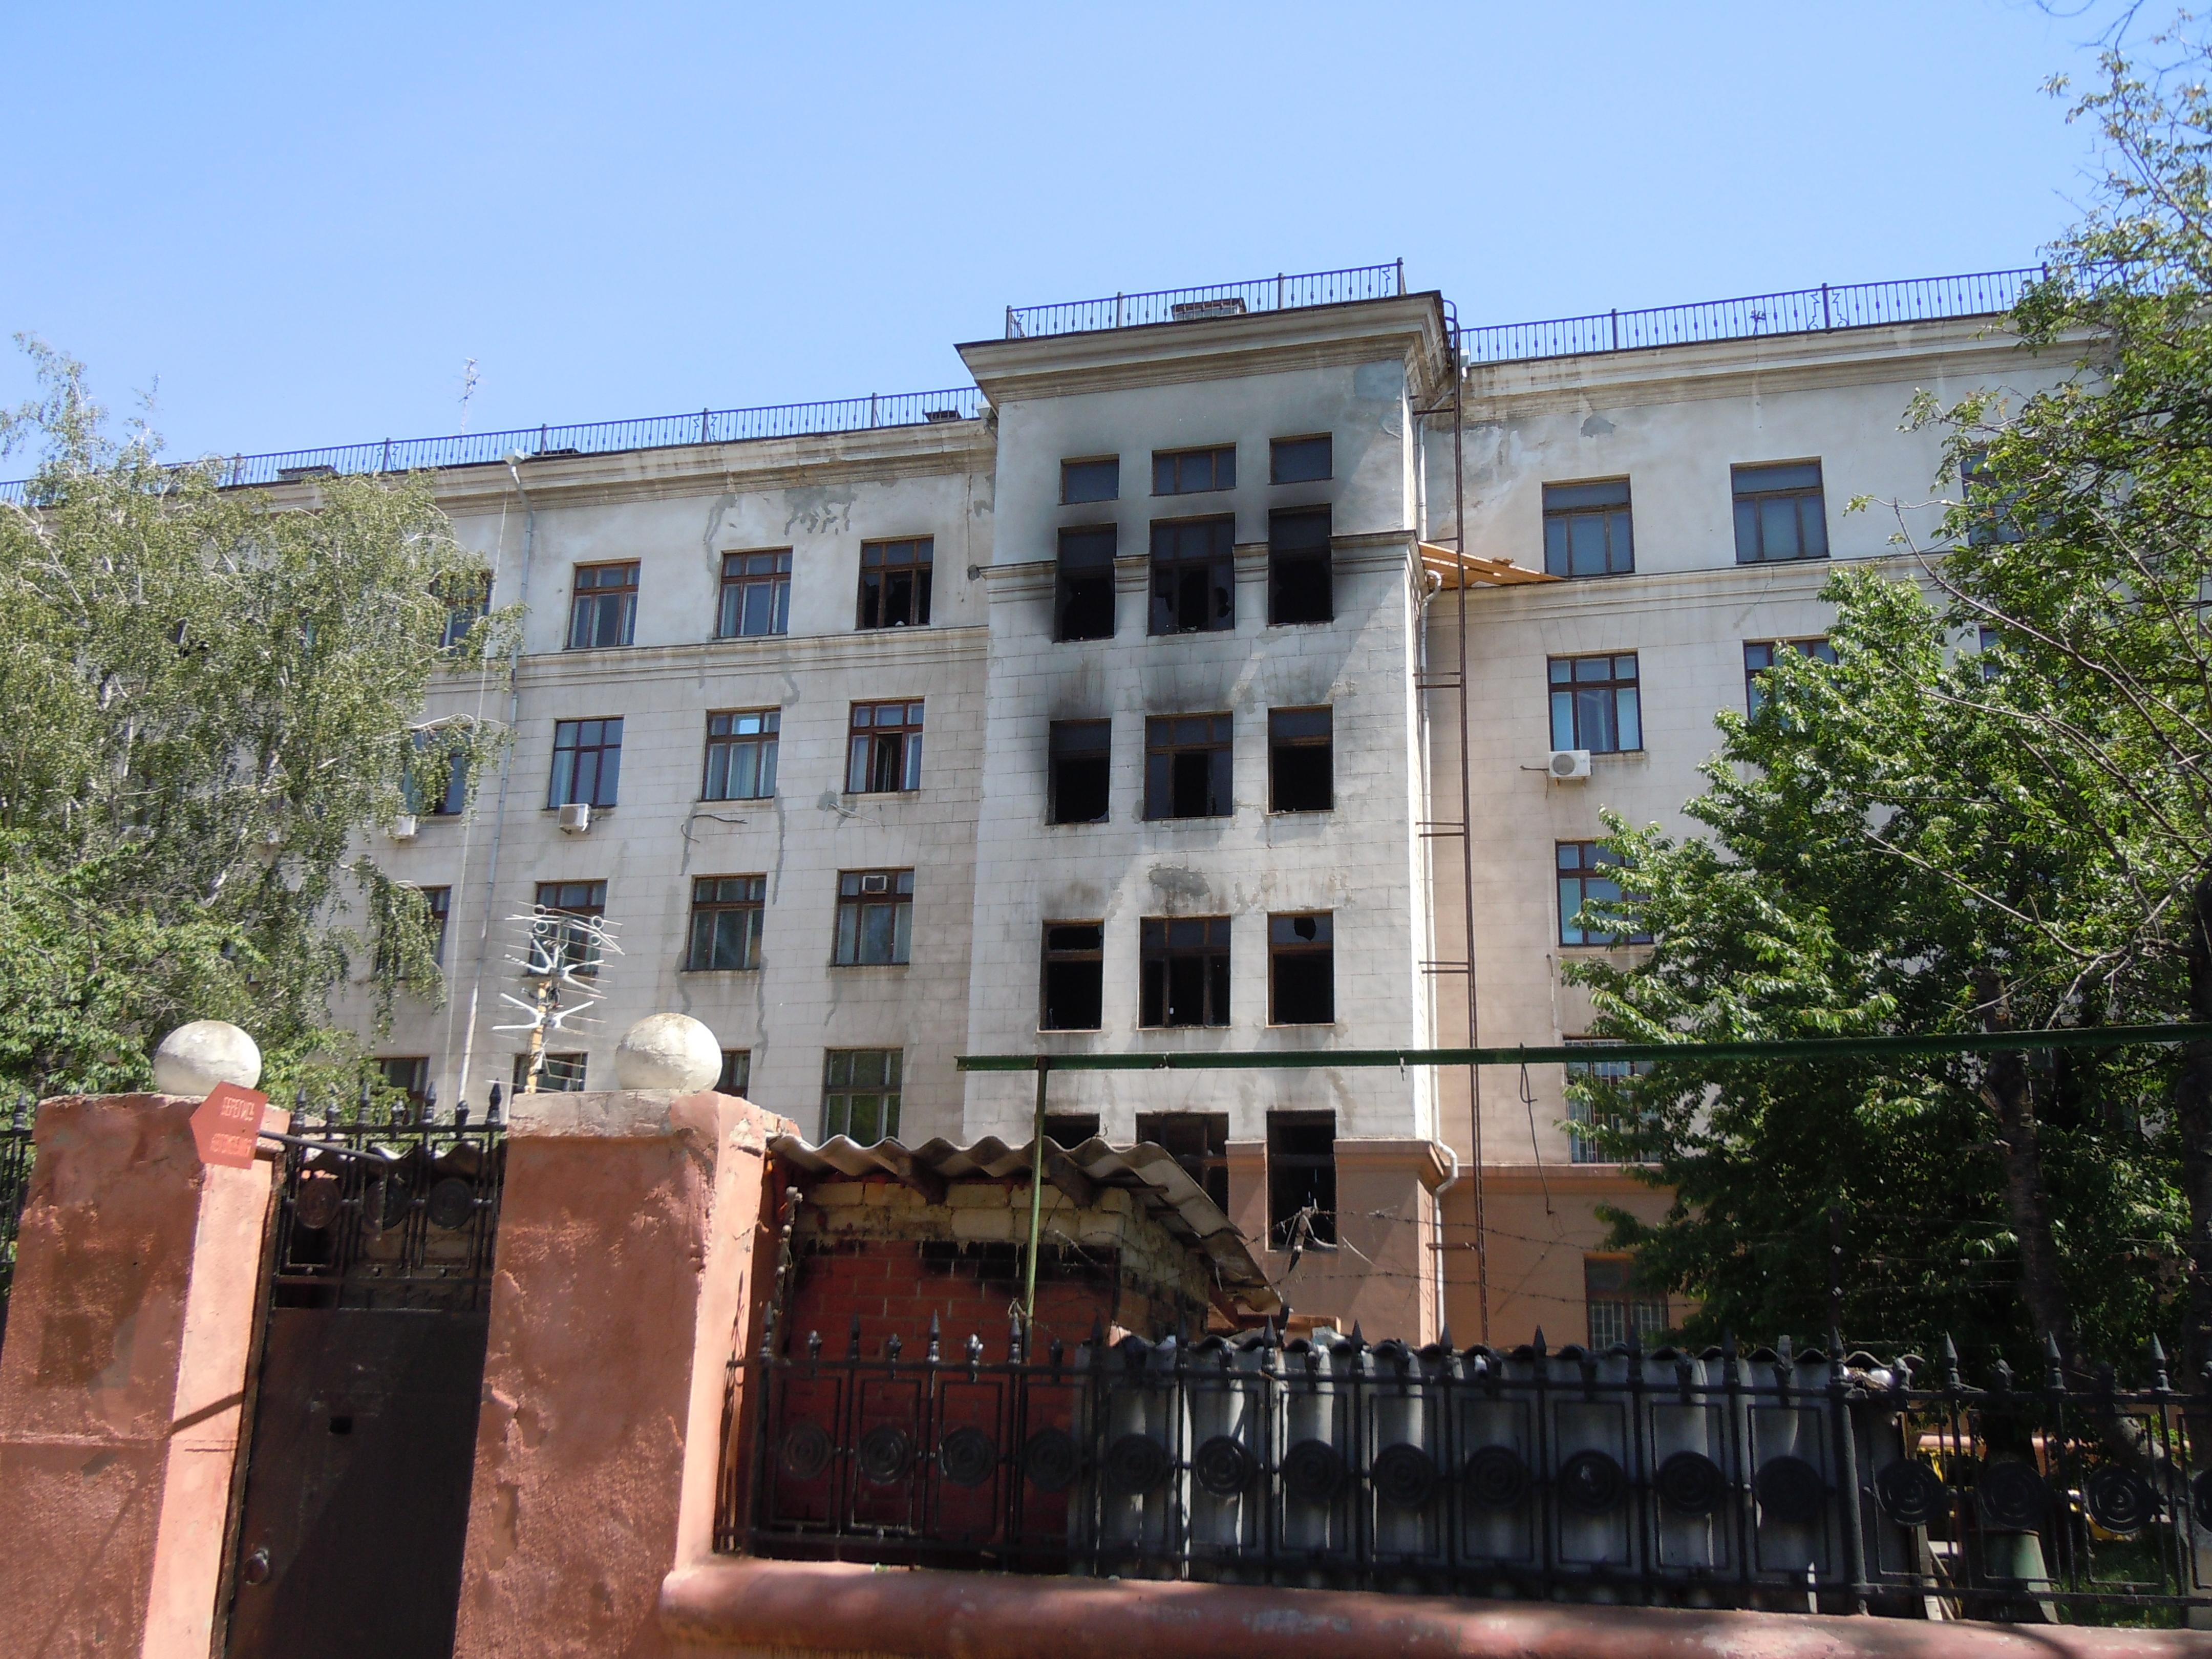 2014 Odessa clashes - Wikipedia